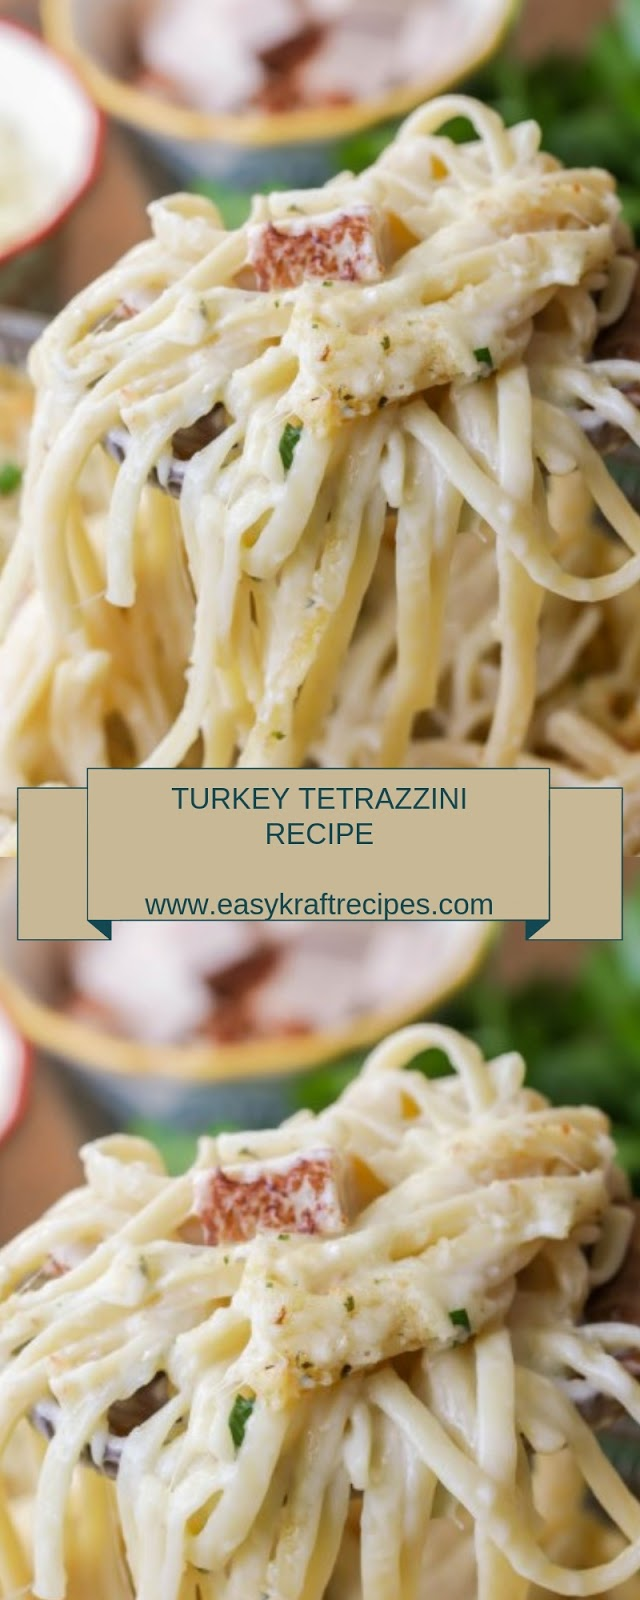 TURKEY TETRAZZINI RECIPE